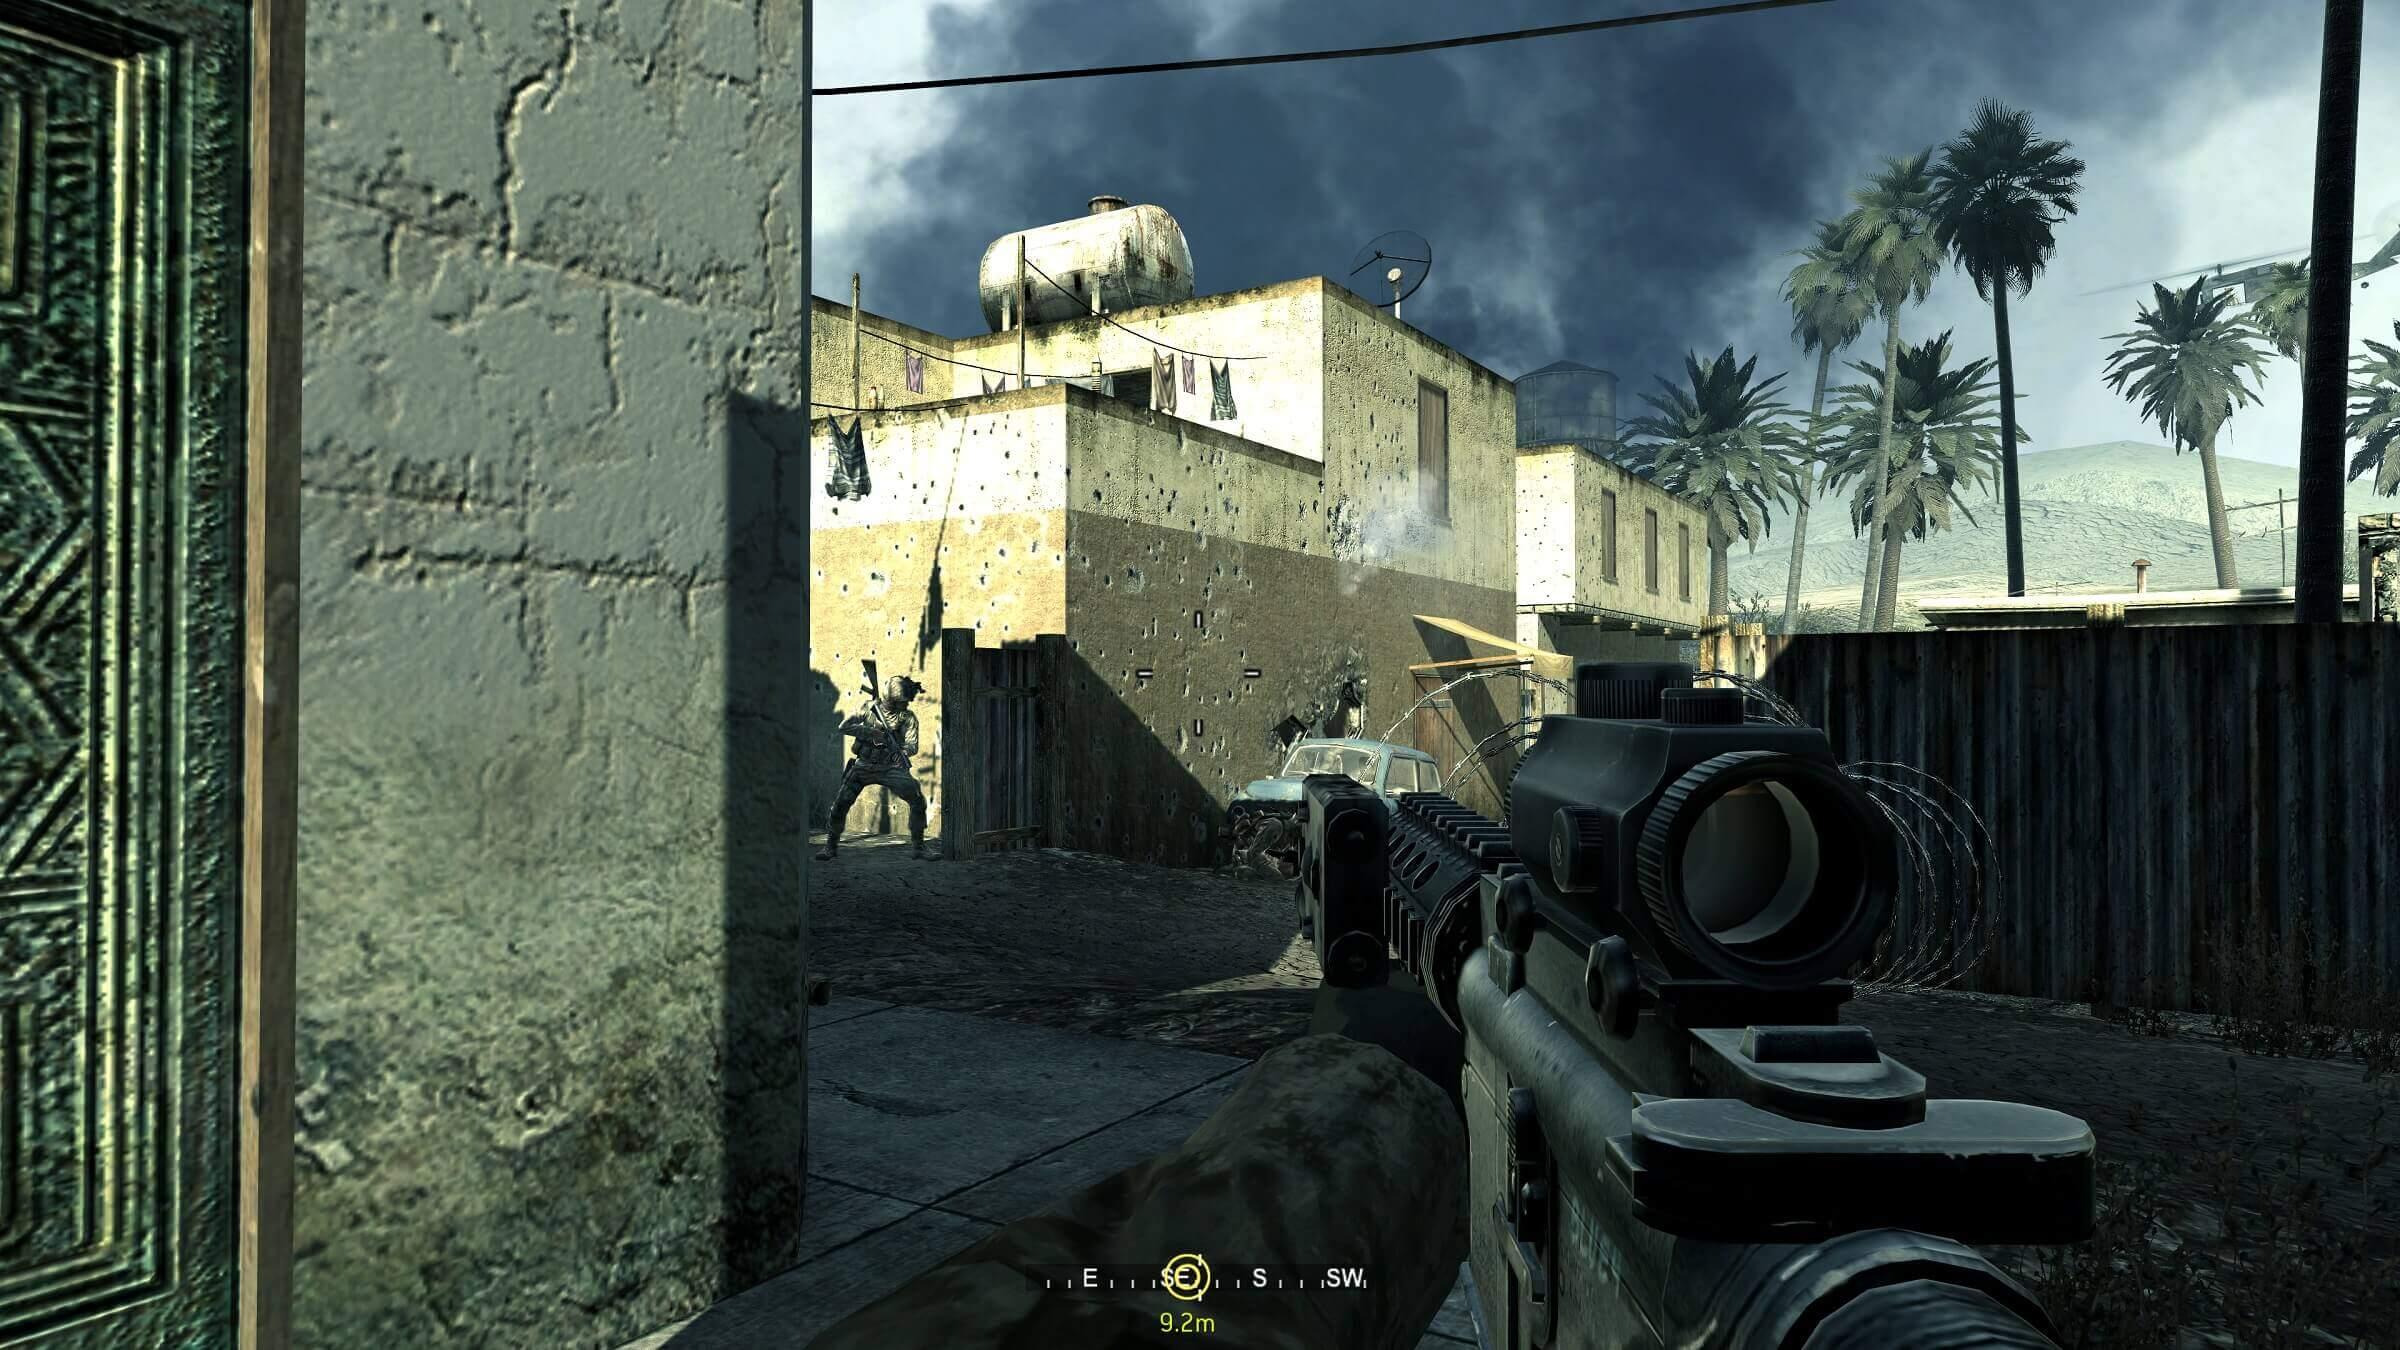 «А Crysis потянет?» Почему до сих пор обсуждают игру, выпущенную 13 лет назад - 8